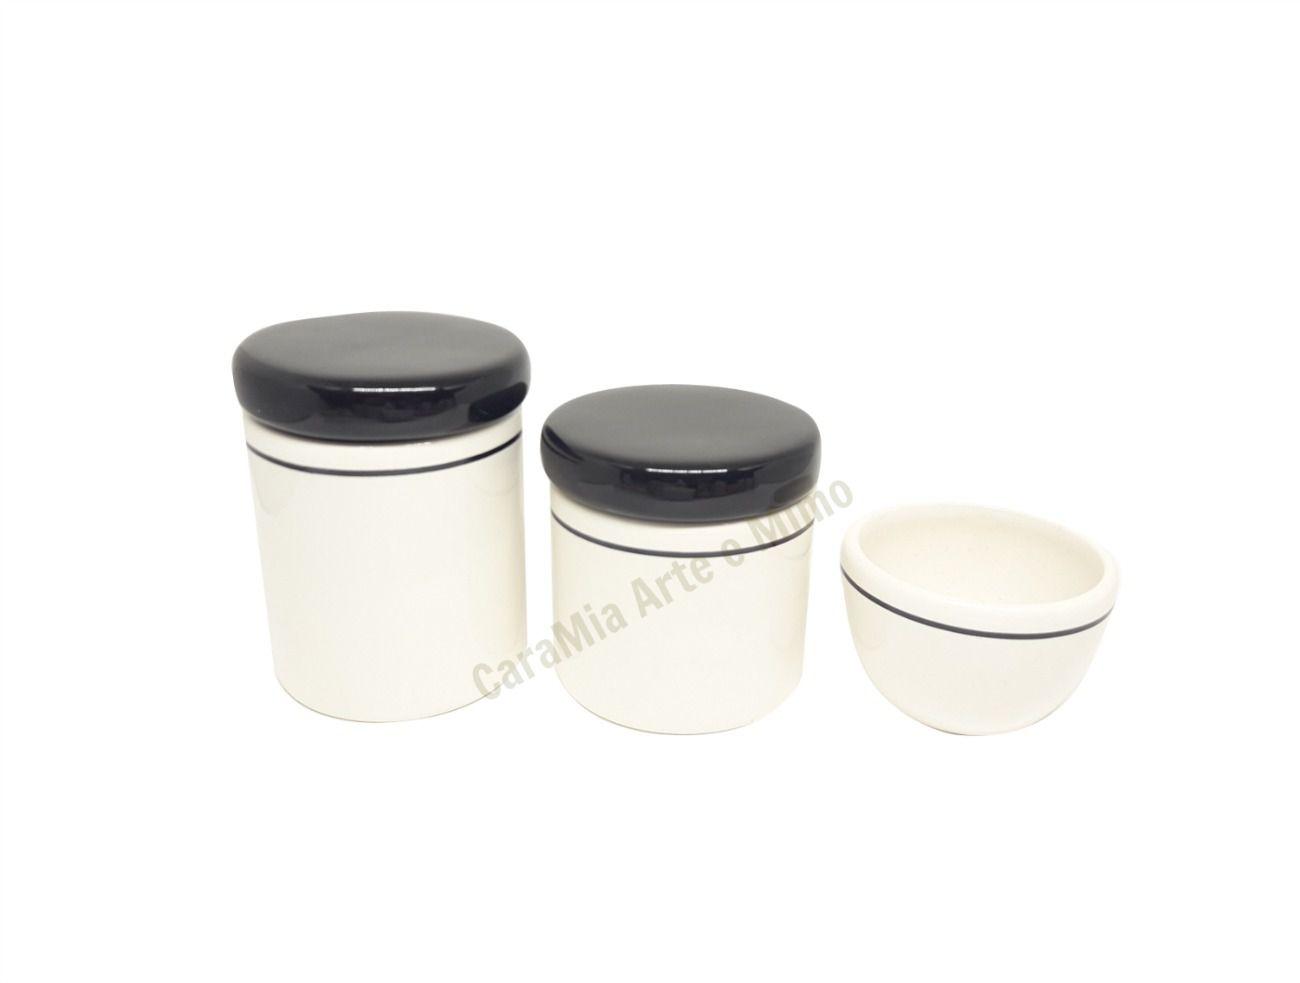 Kit Higiene Bebê em Cerâmica | Branco e Preto | 3 peças